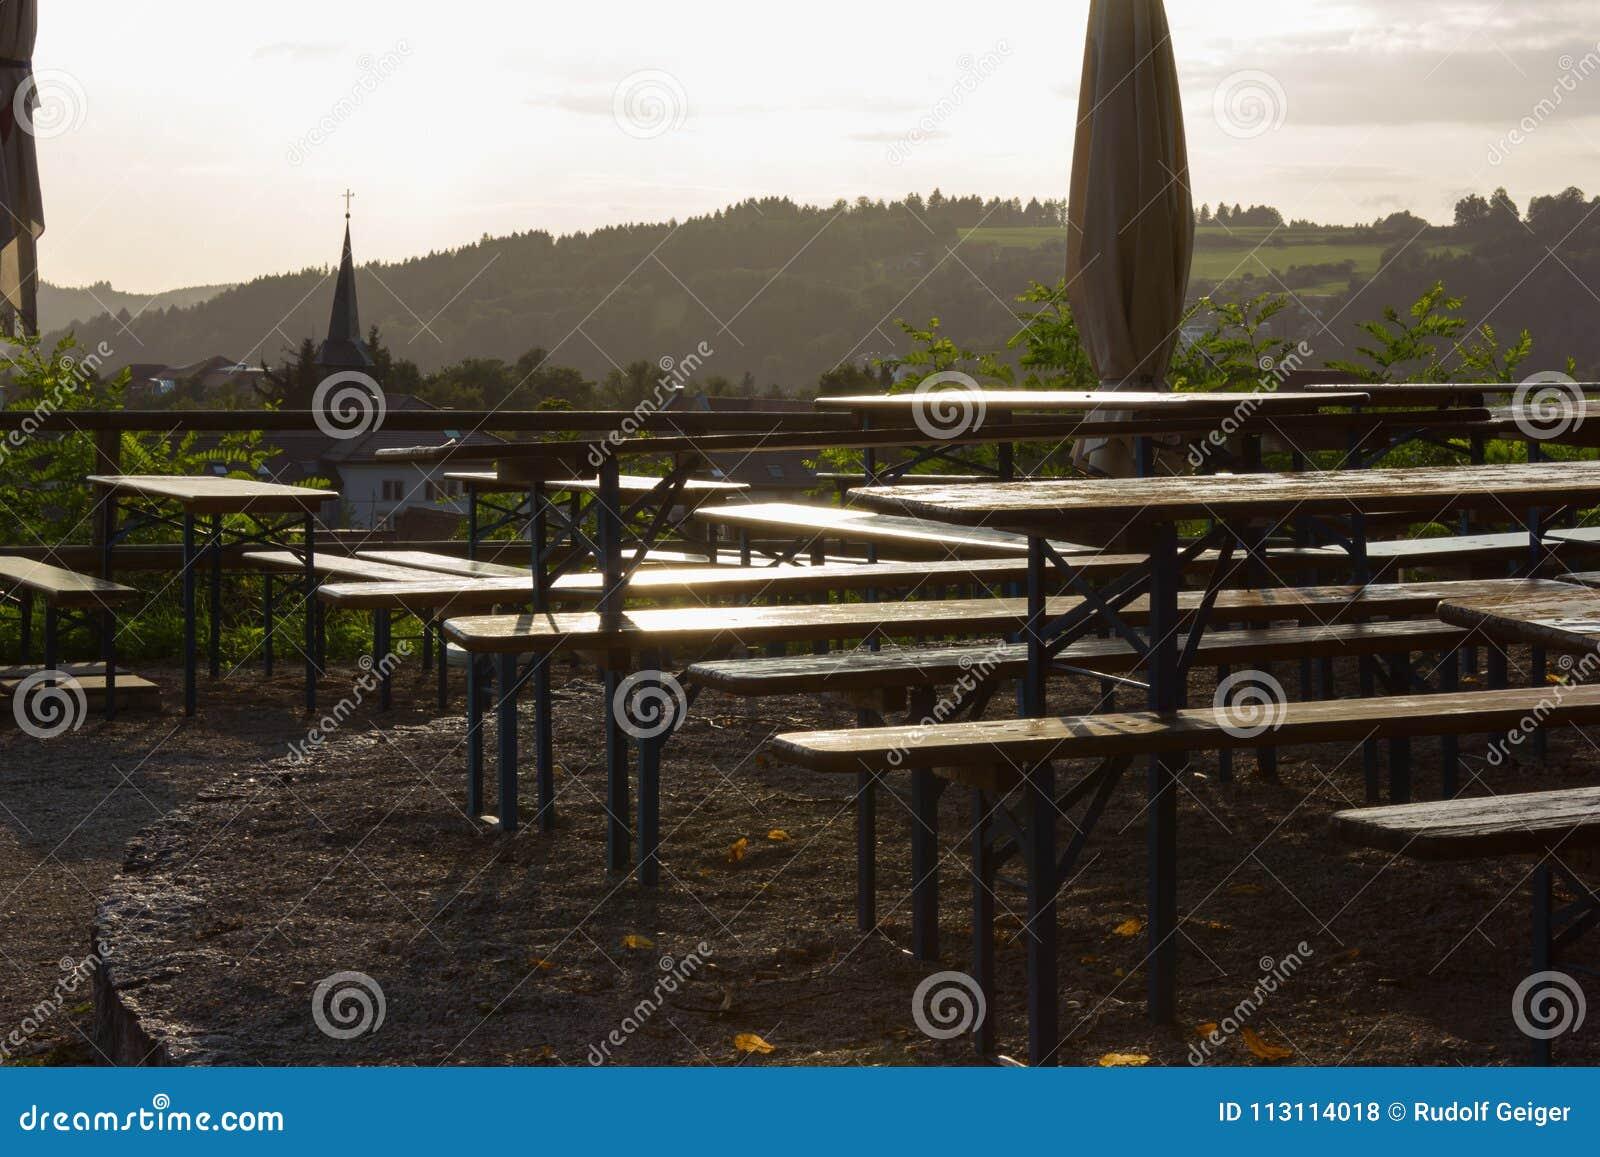 Beer Garden Bench Table And Umbrella Below Big Oak Tree Stock Photo ...